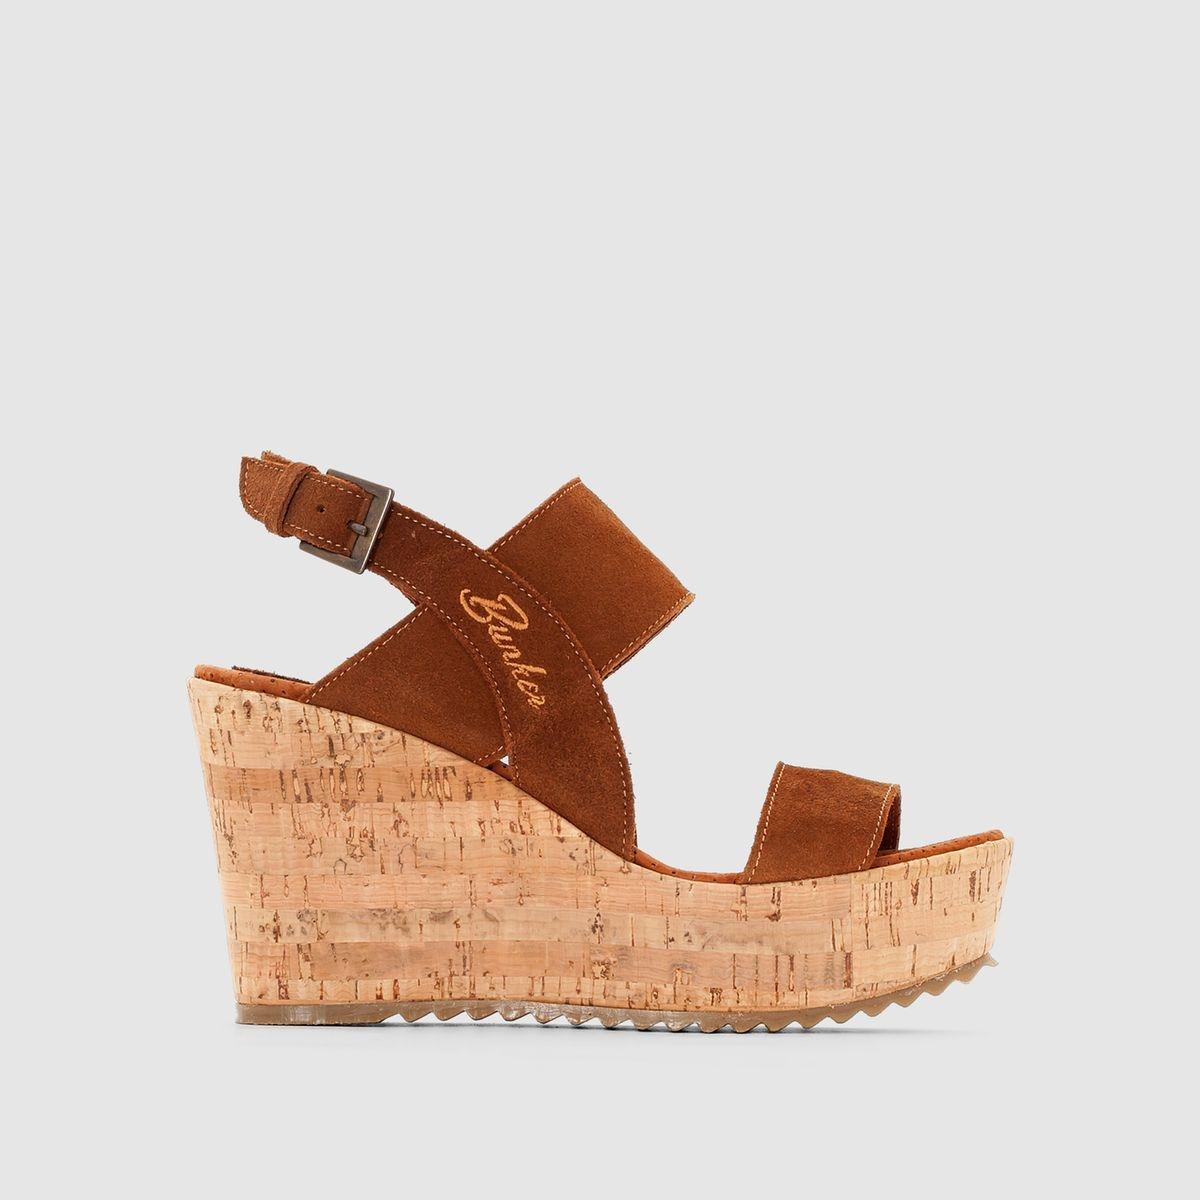 Les sandales BUNKERDessus : cuir suédé (vachette)/textileDoublure : cuirSemelle intérieure : cuirSemelle extérieure : liège et élstomèreHaut. de talon : 9,5 cmFermeture : bride à boucleLes + : la mode prend beaucoup de hauteur avec ces sandales néo-rétro